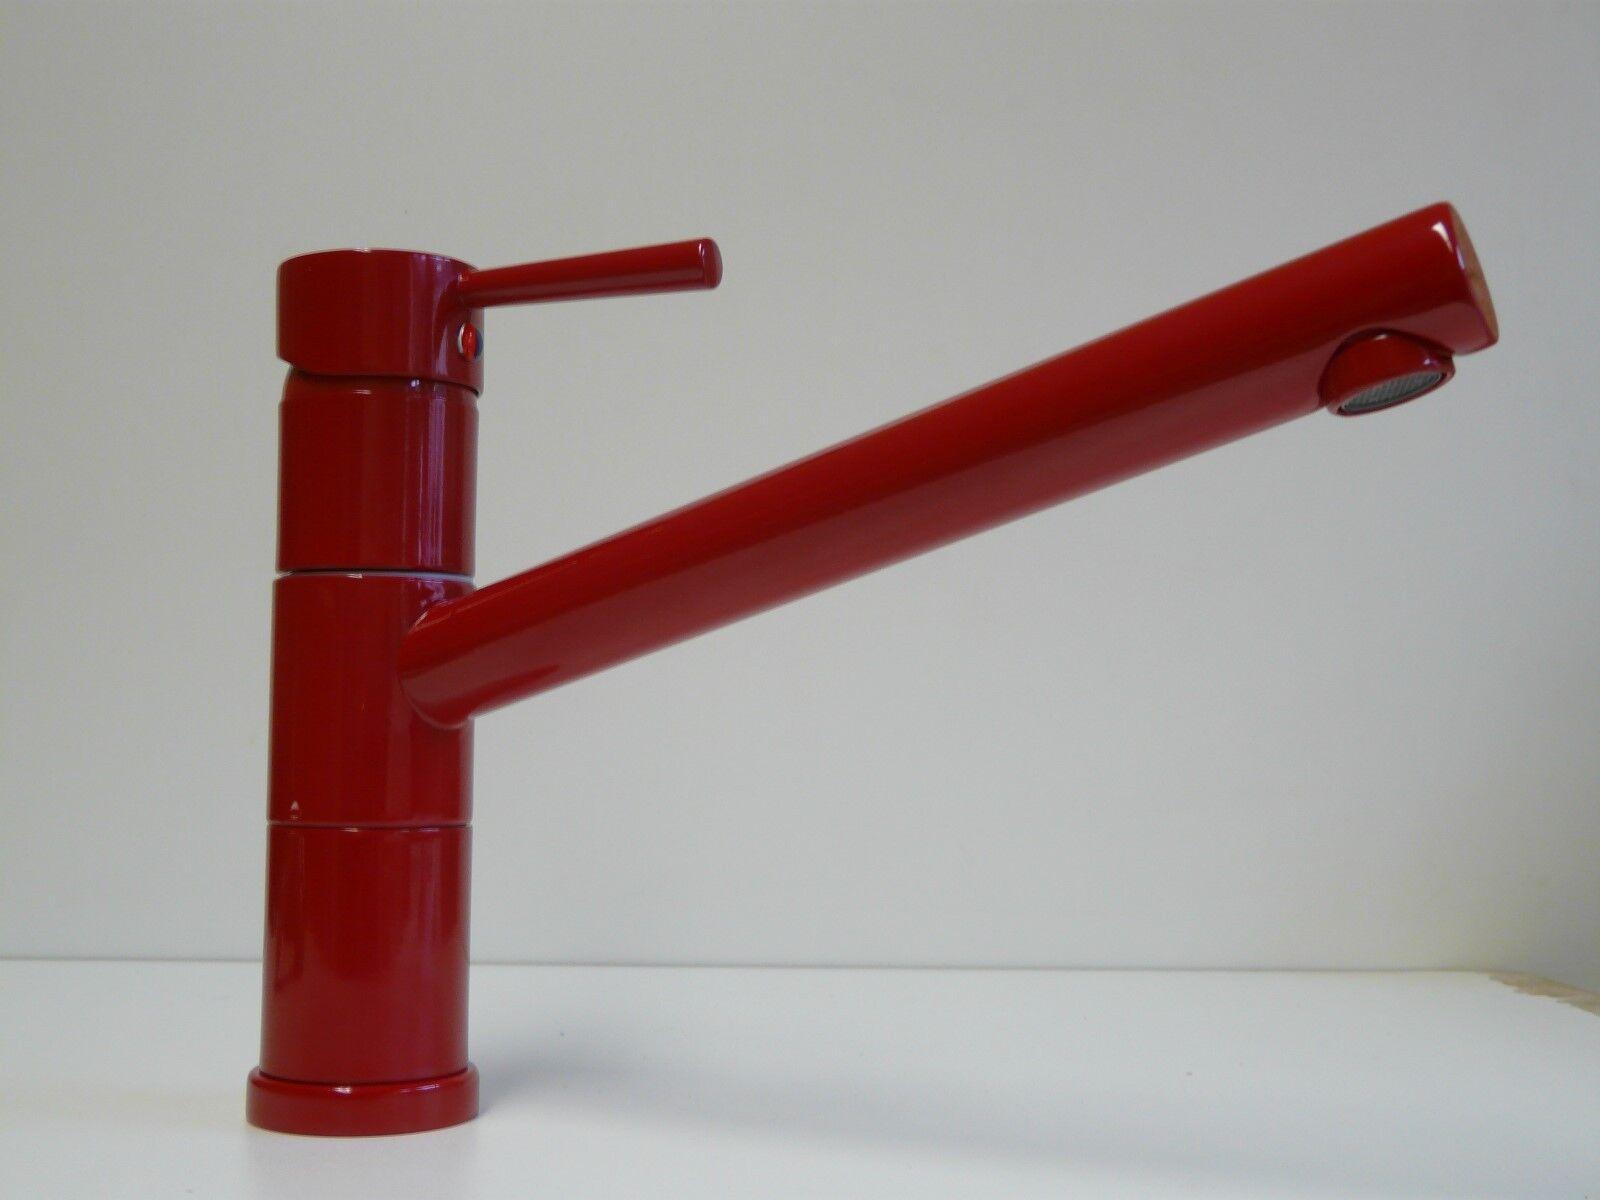 Küchenarmatur Rot (RAL 3003), Einhebelmischer, schwenkbar, Küche, Unicorn